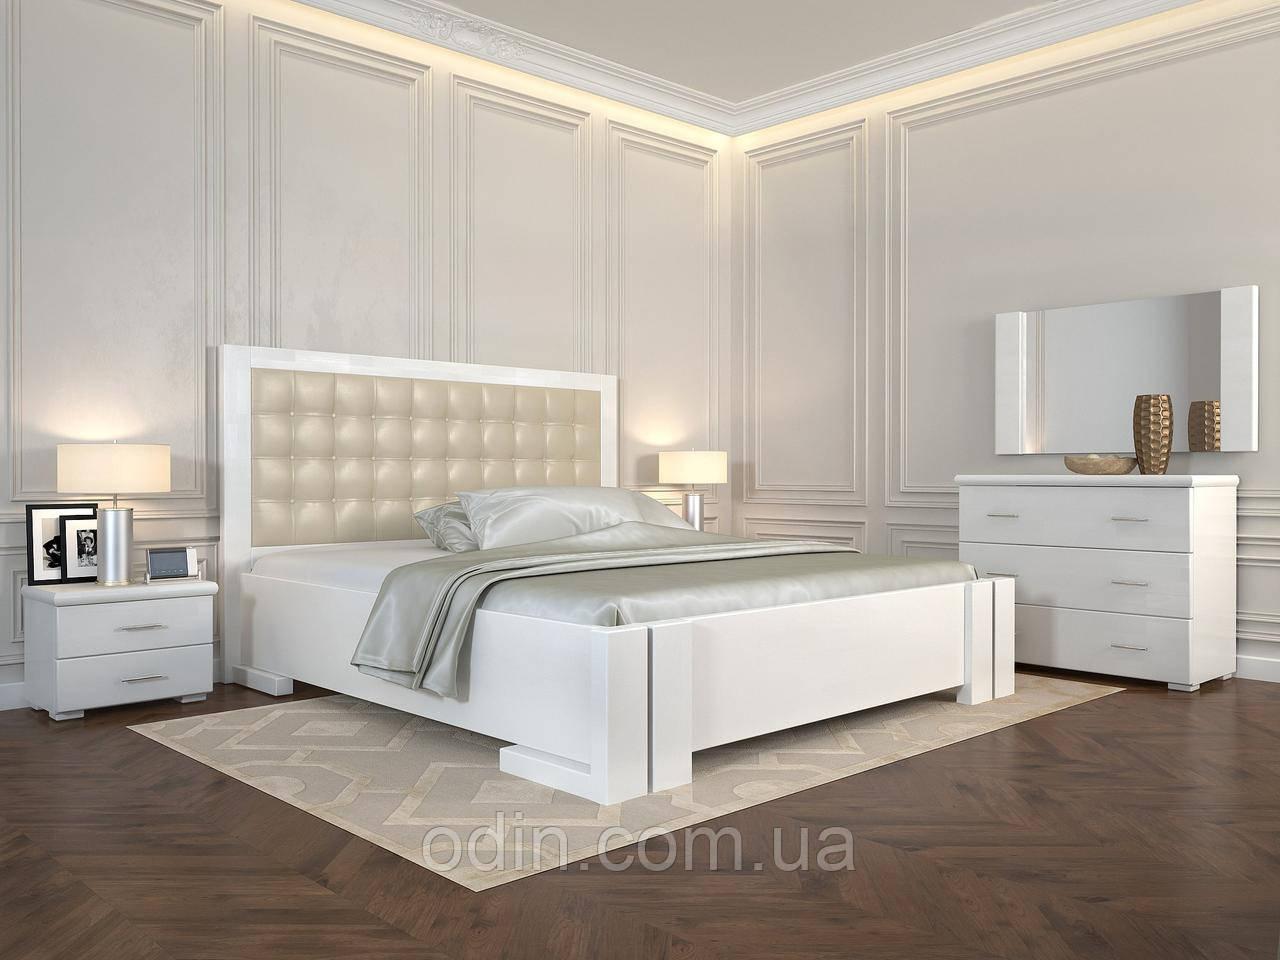 Кровать Амбер квадраты